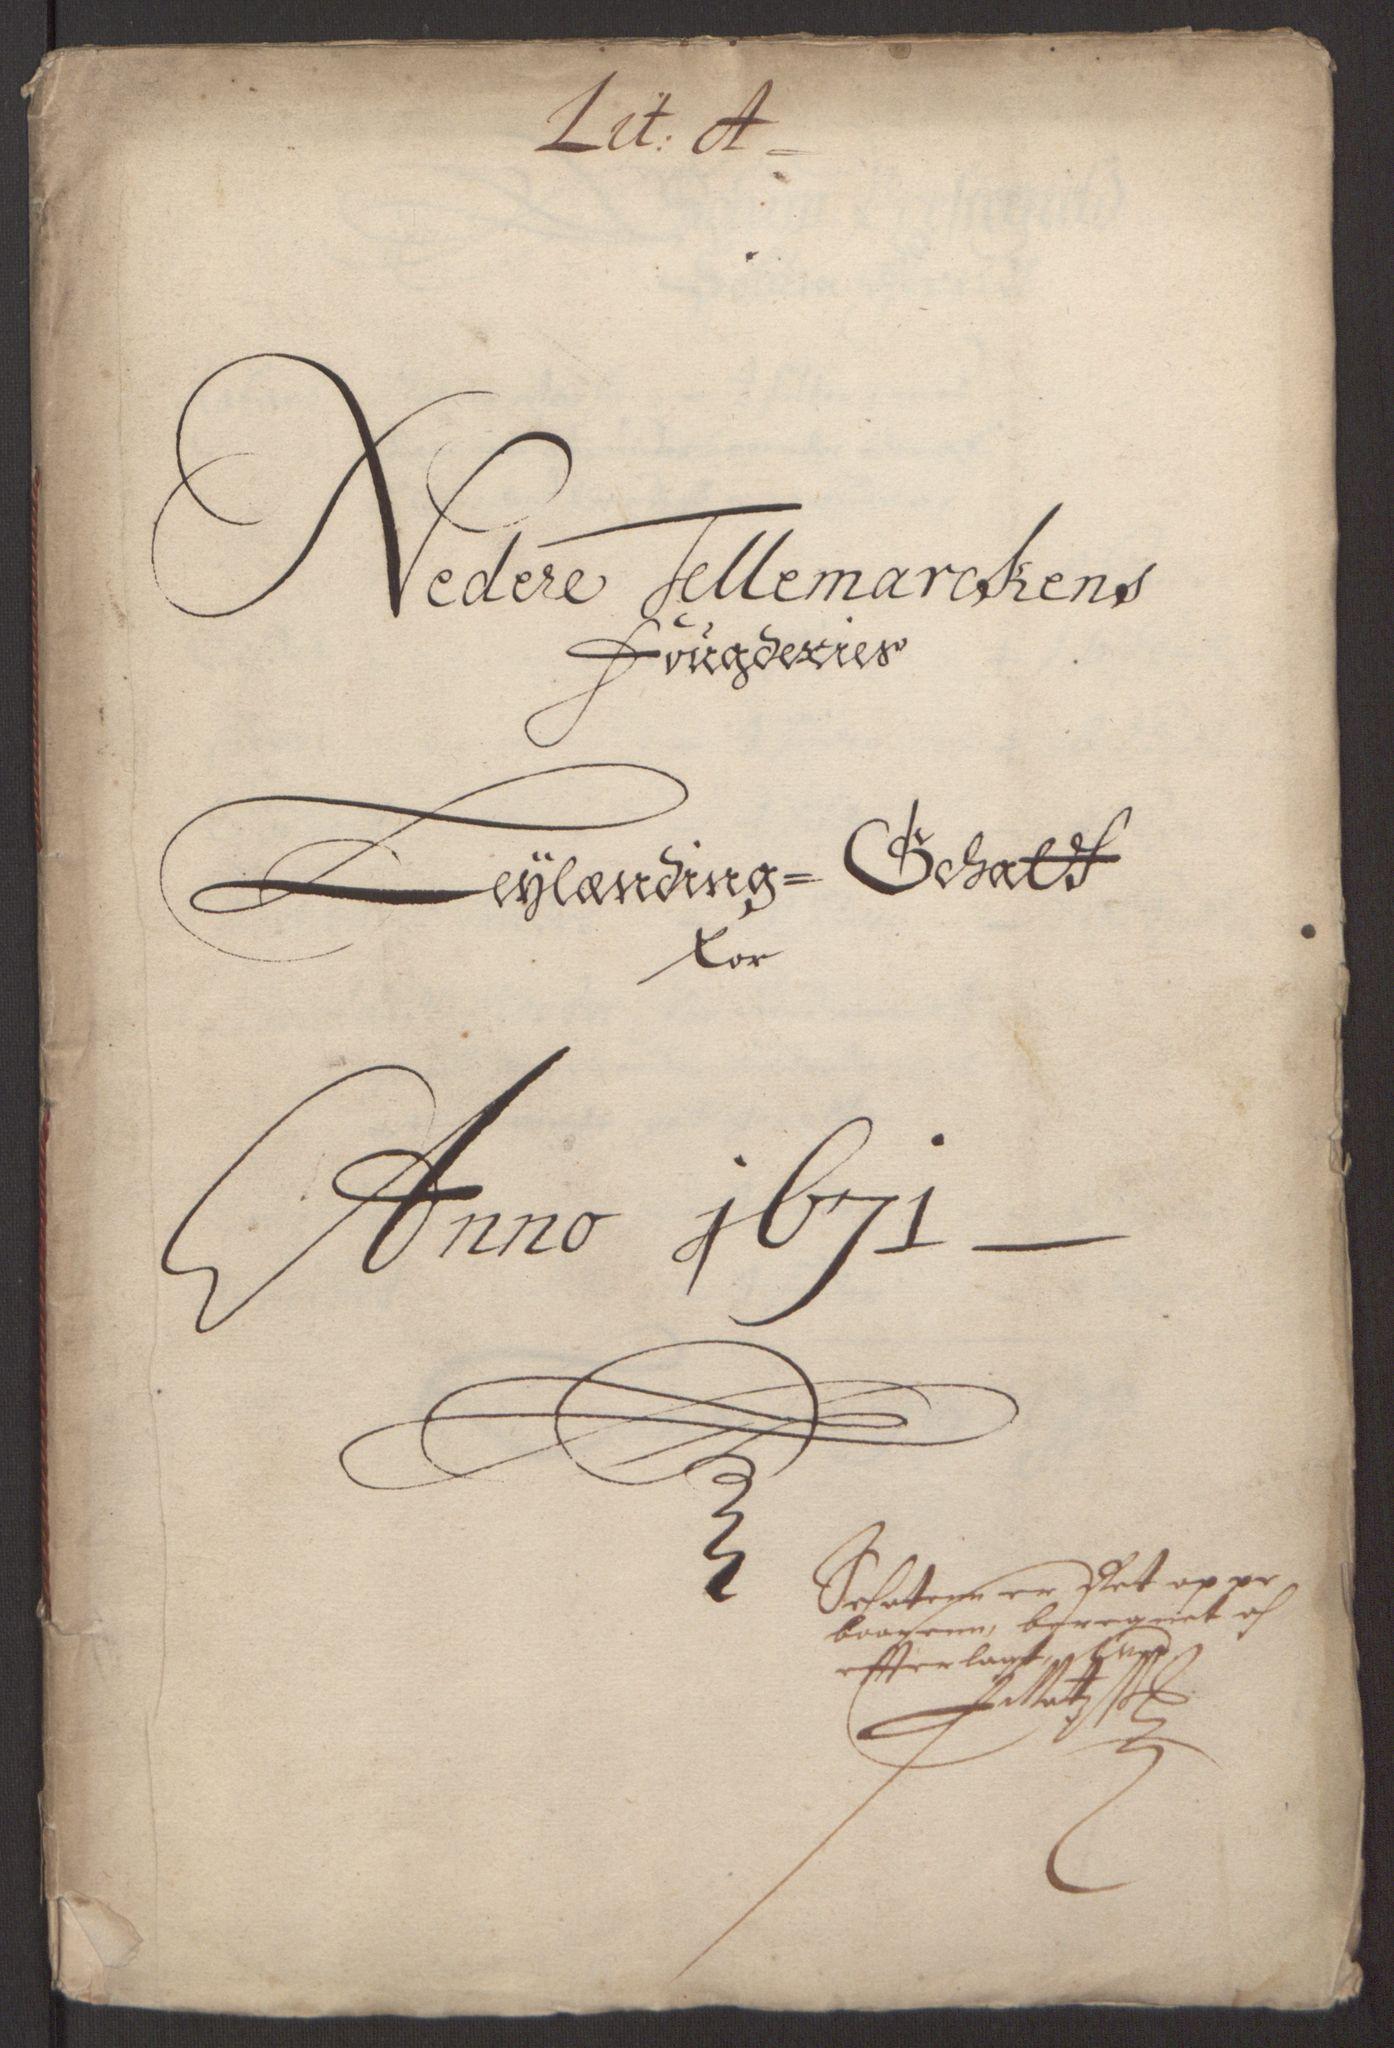 RA, Rentekammeret inntil 1814, Reviderte regnskaper, Fogderegnskap, R35/L2060: Fogderegnskap Øvre og Nedre Telemark, 1671-1672, s. 133